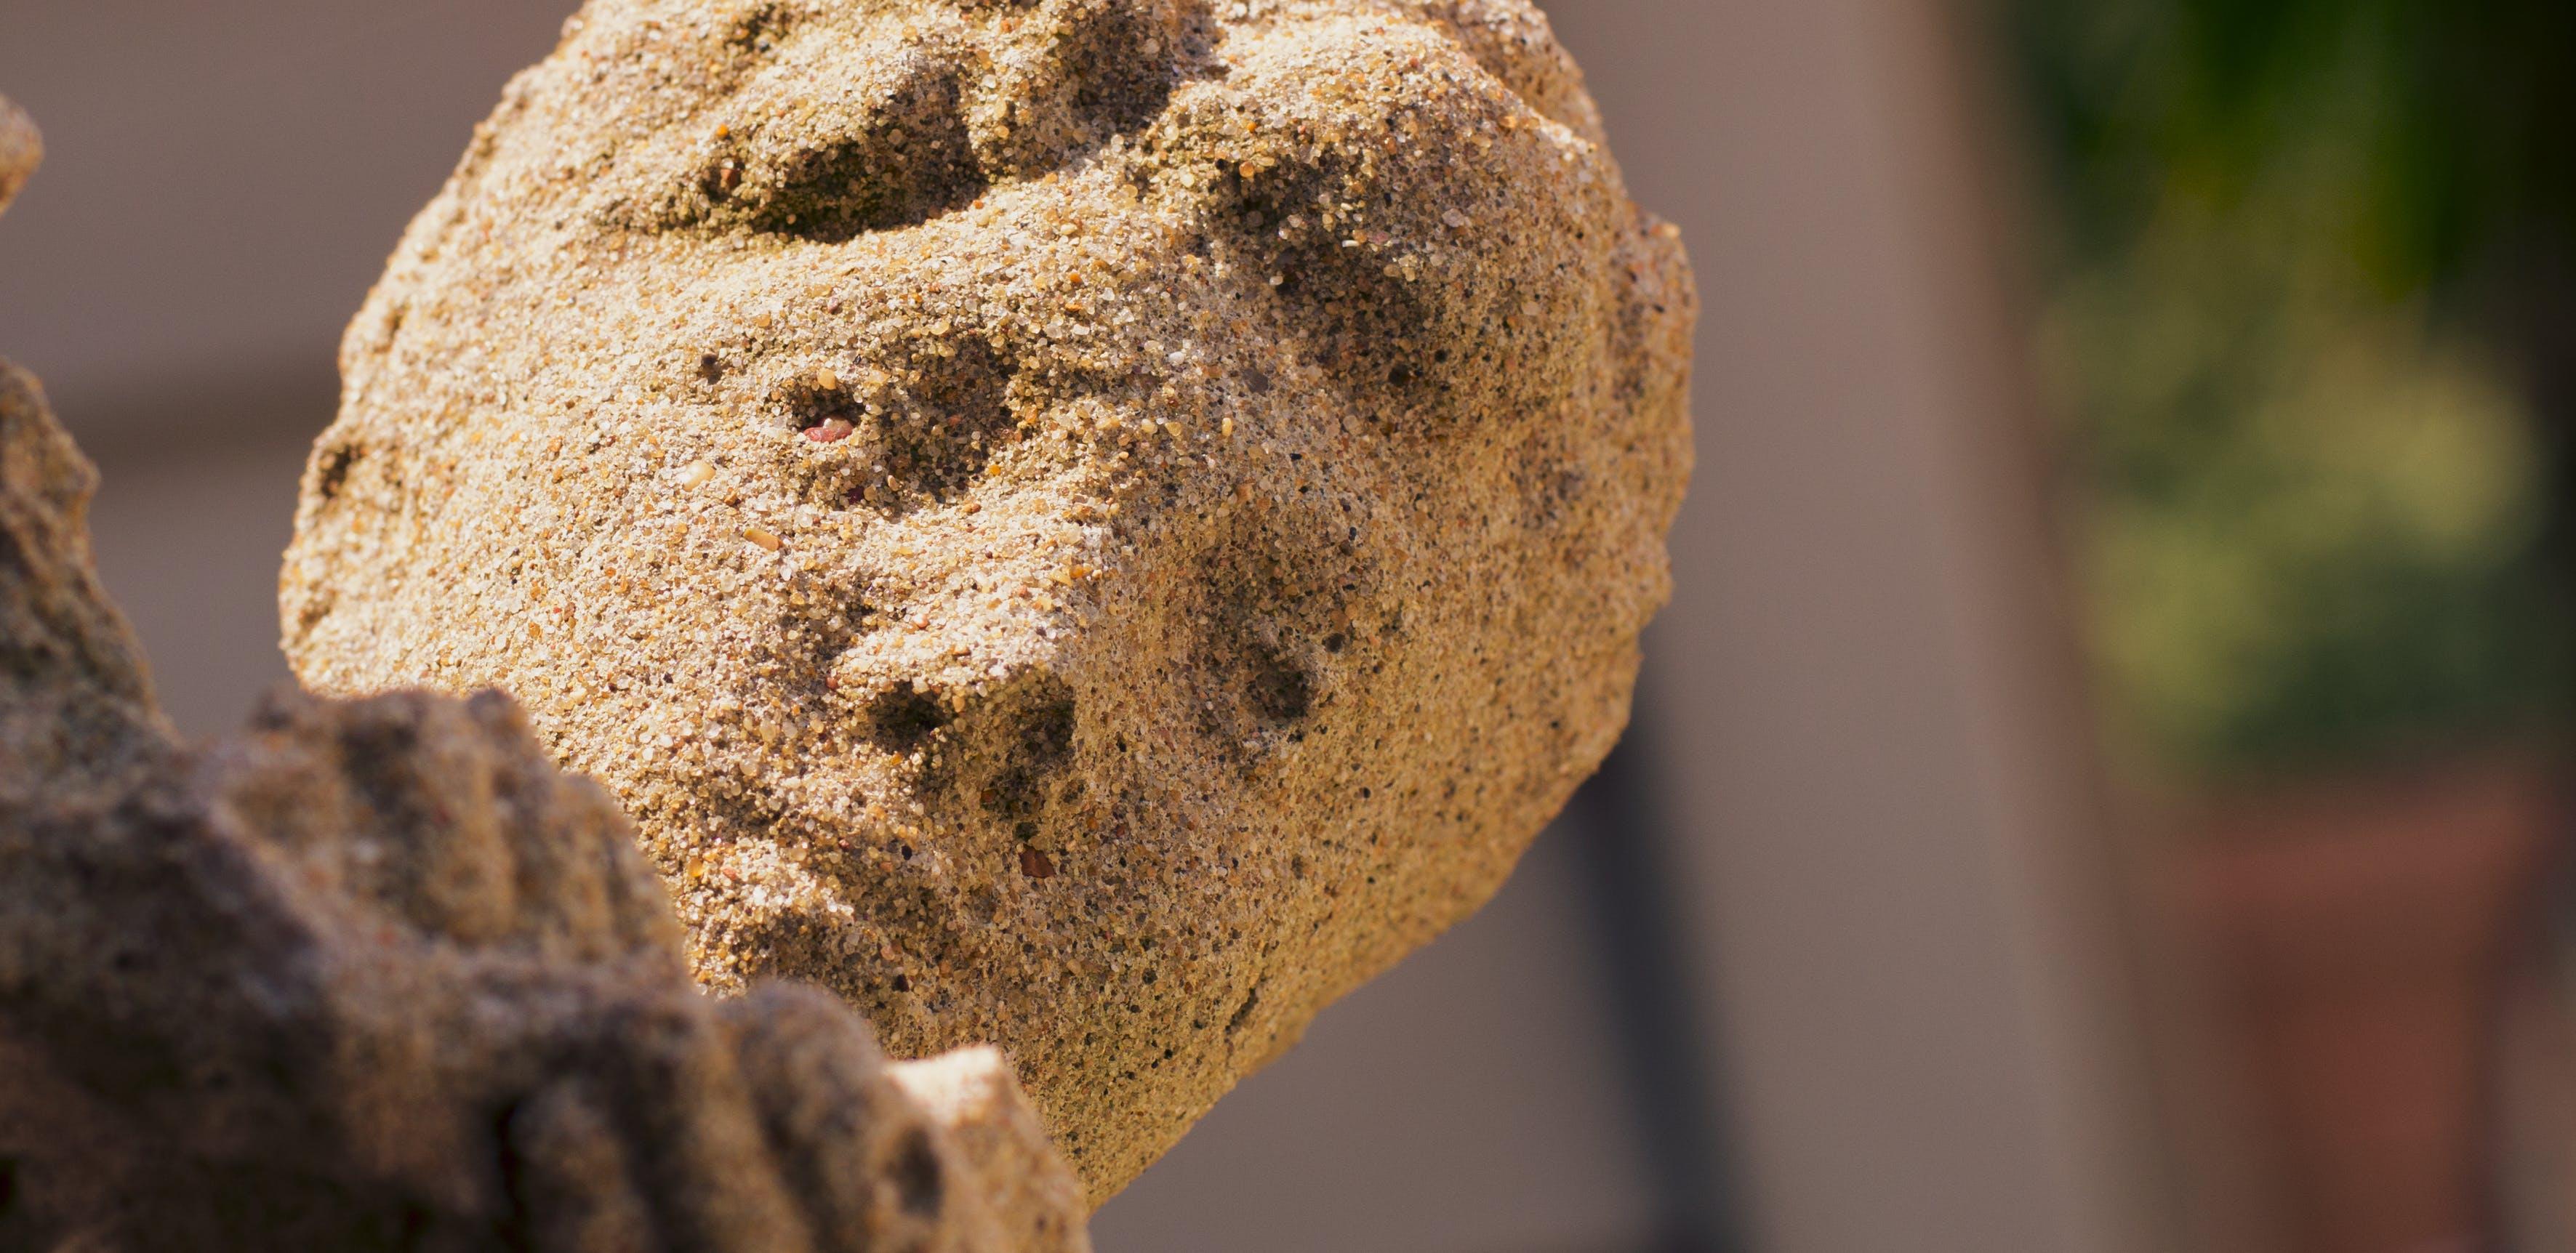 Gratis stockfoto met 50 milimeter, cementstandbeeld, nikon, nikor